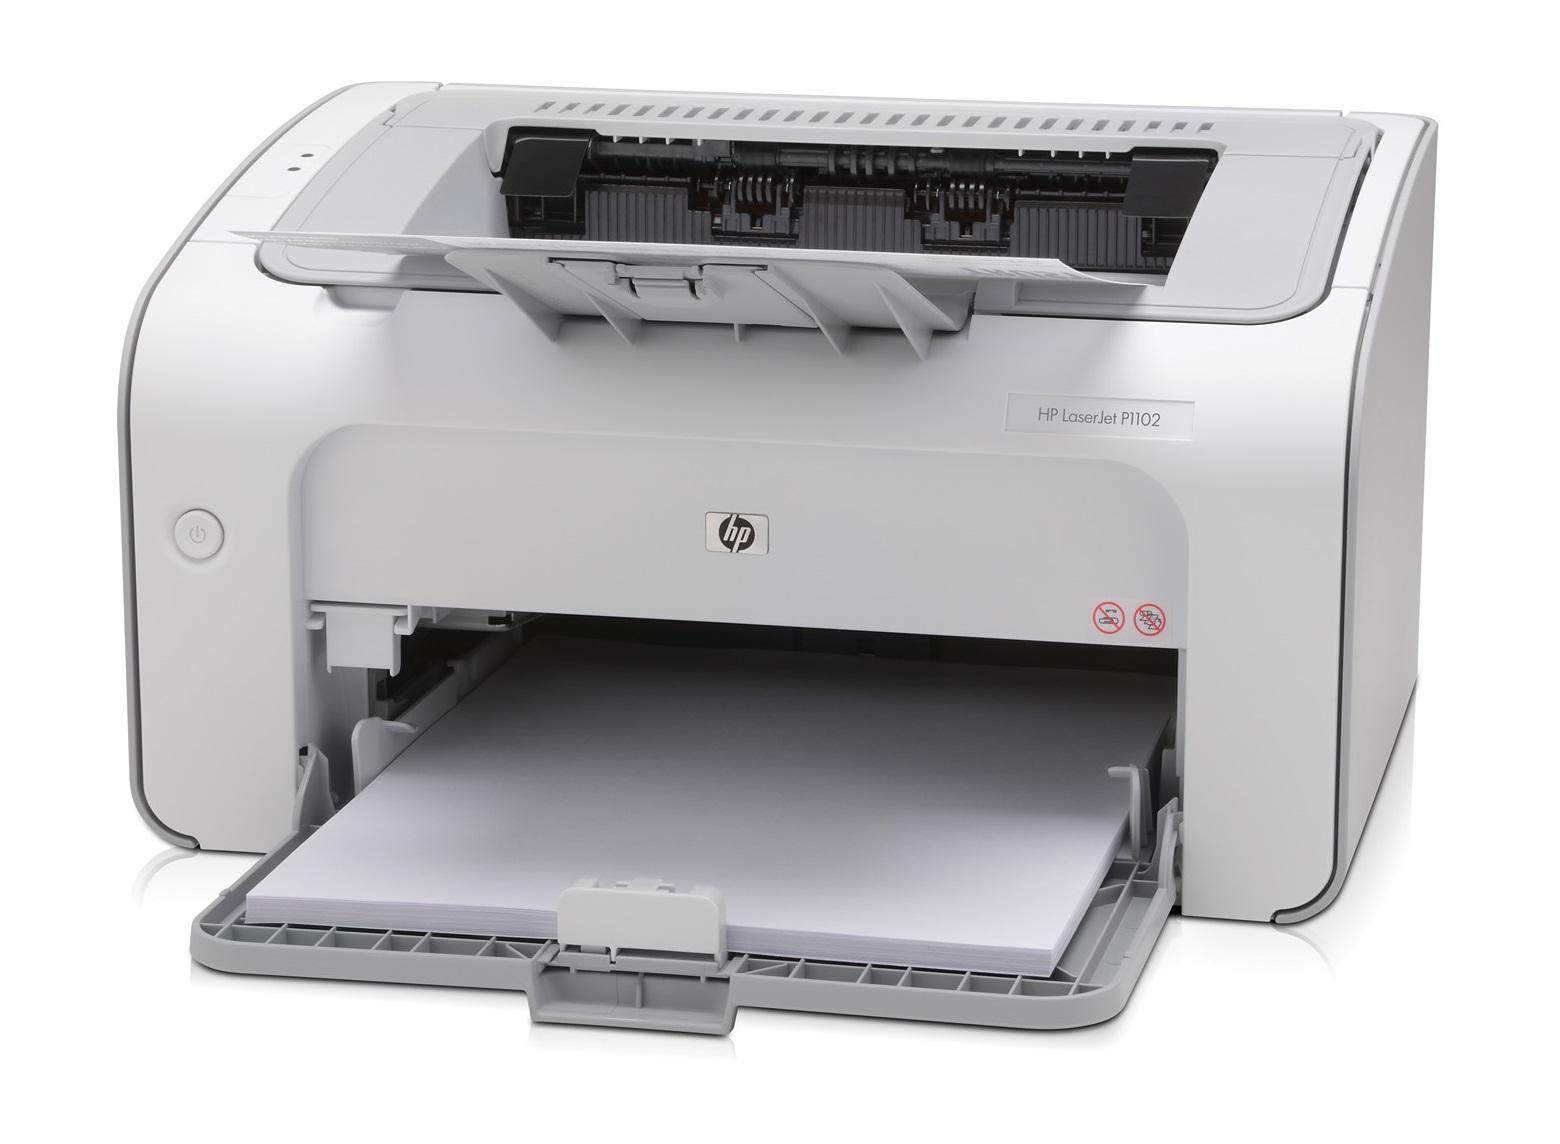 LaserJet Pro P1102.jpg